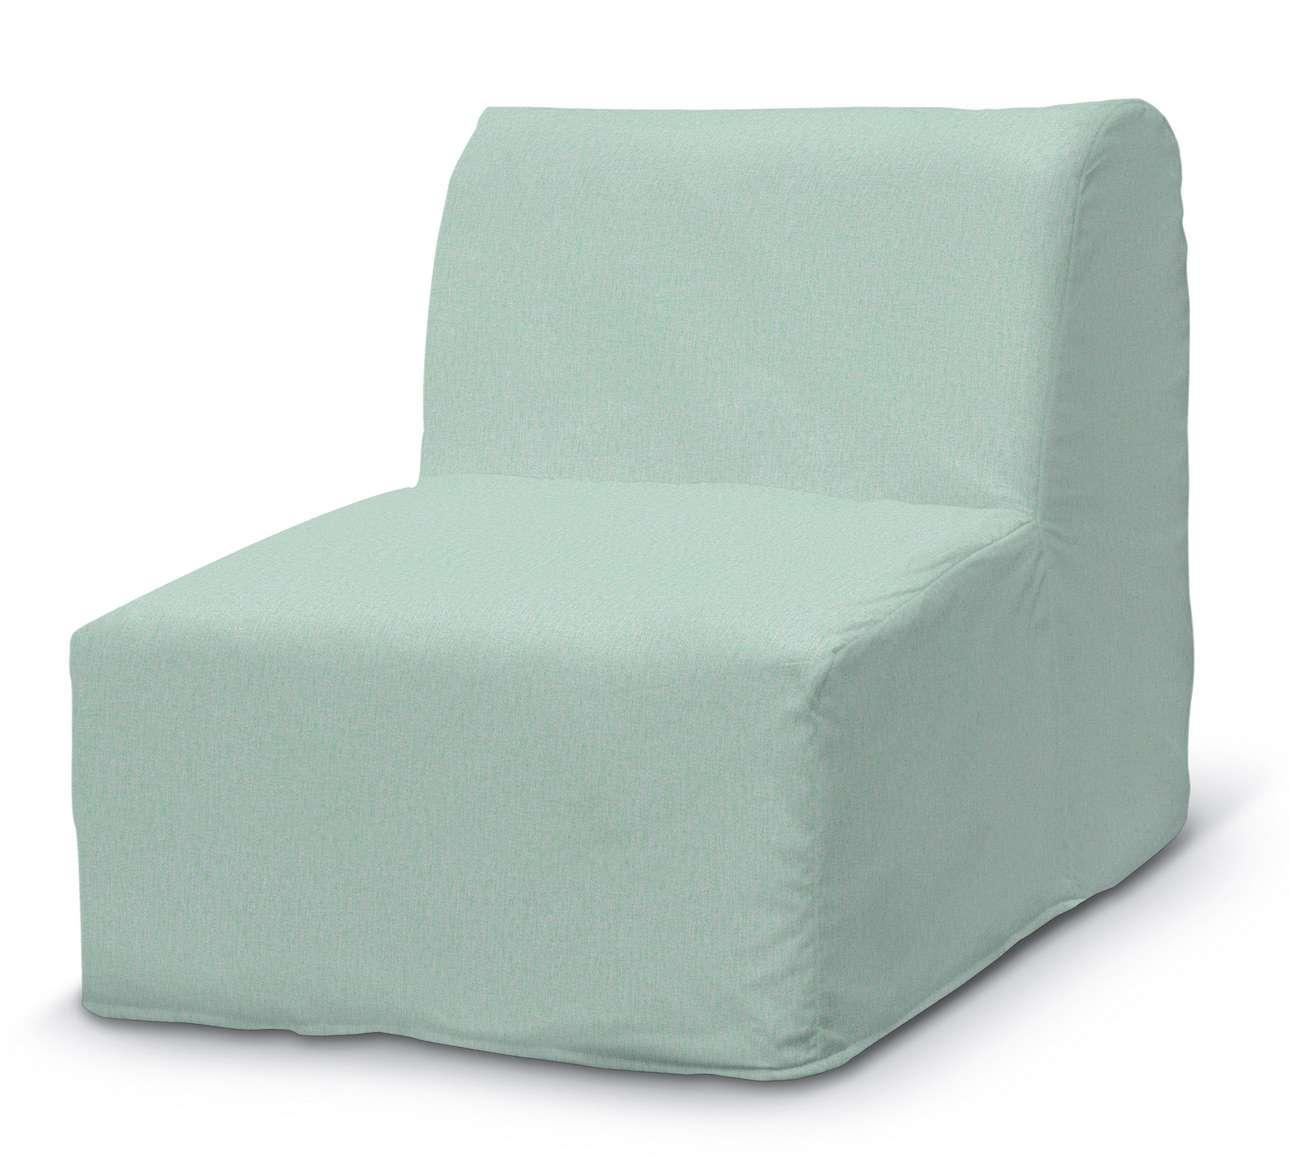 Pokrowiec na fotel Lycksele prosty w kolekcji Living, tkanina: 161-61